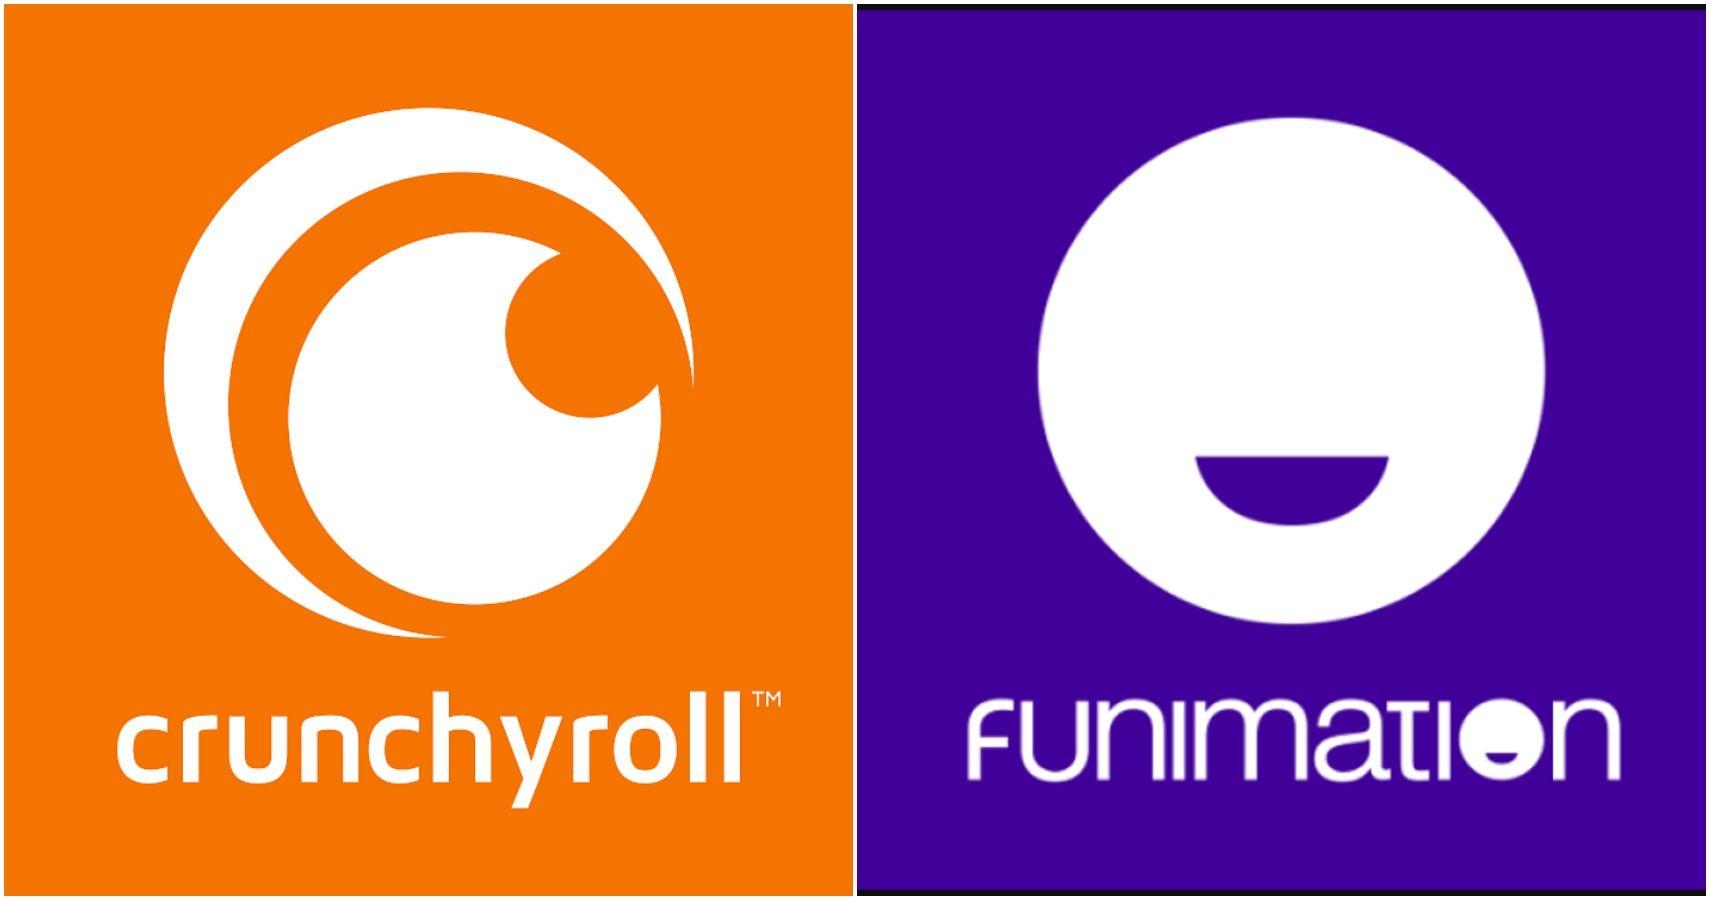 Crunchyroll and Funimation logos.